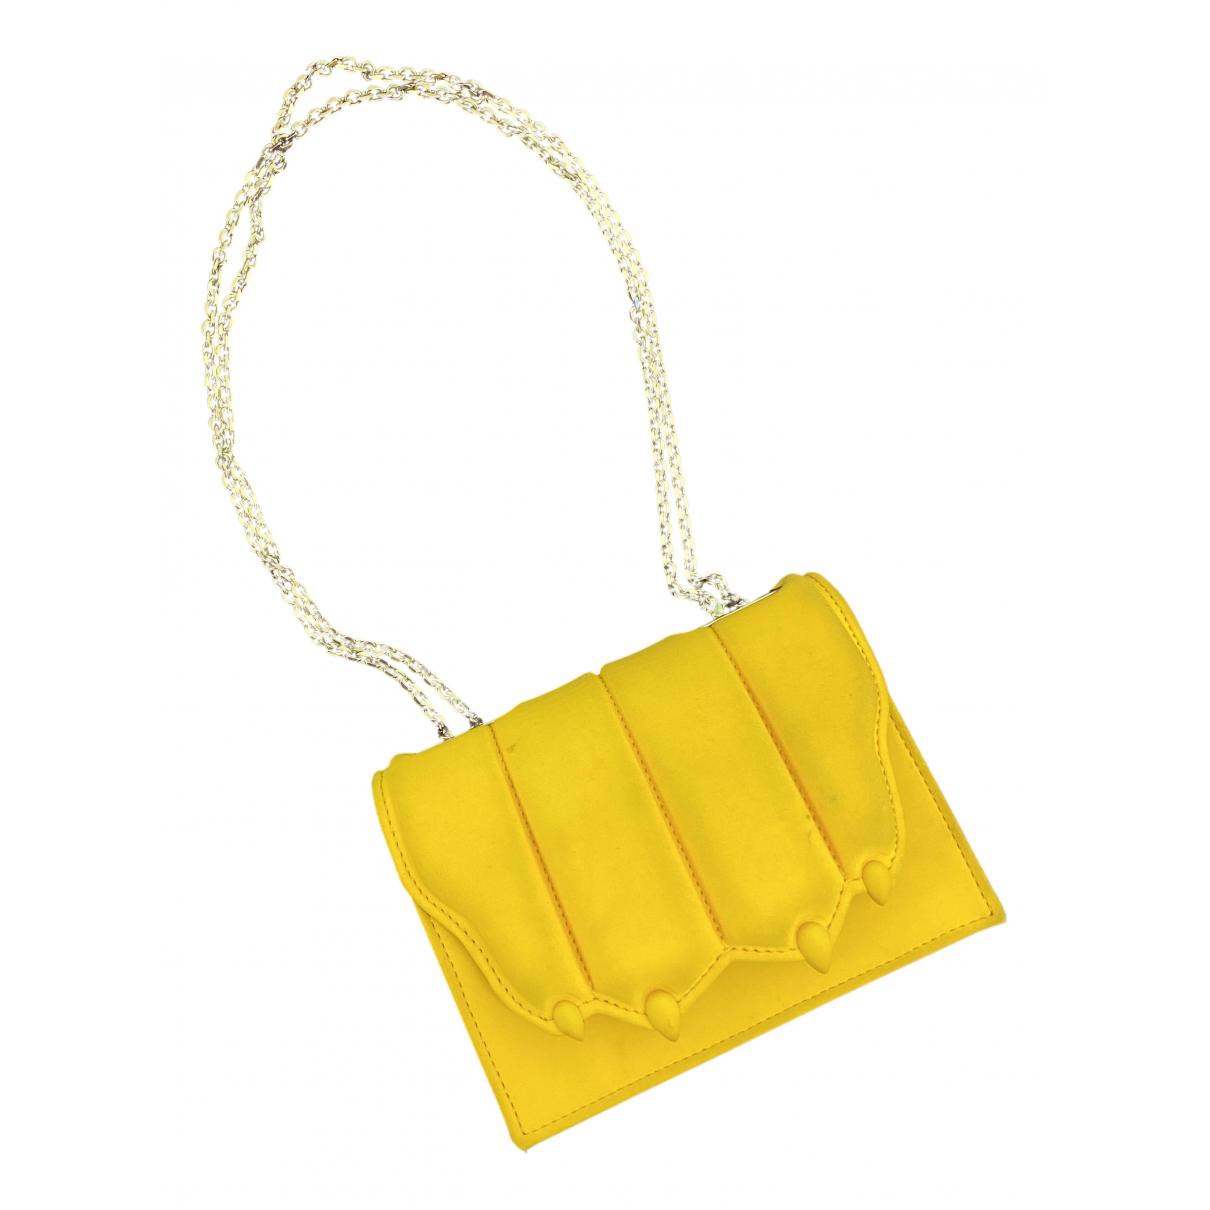 Marco De Vincenzo N Yellow handbag for Women N